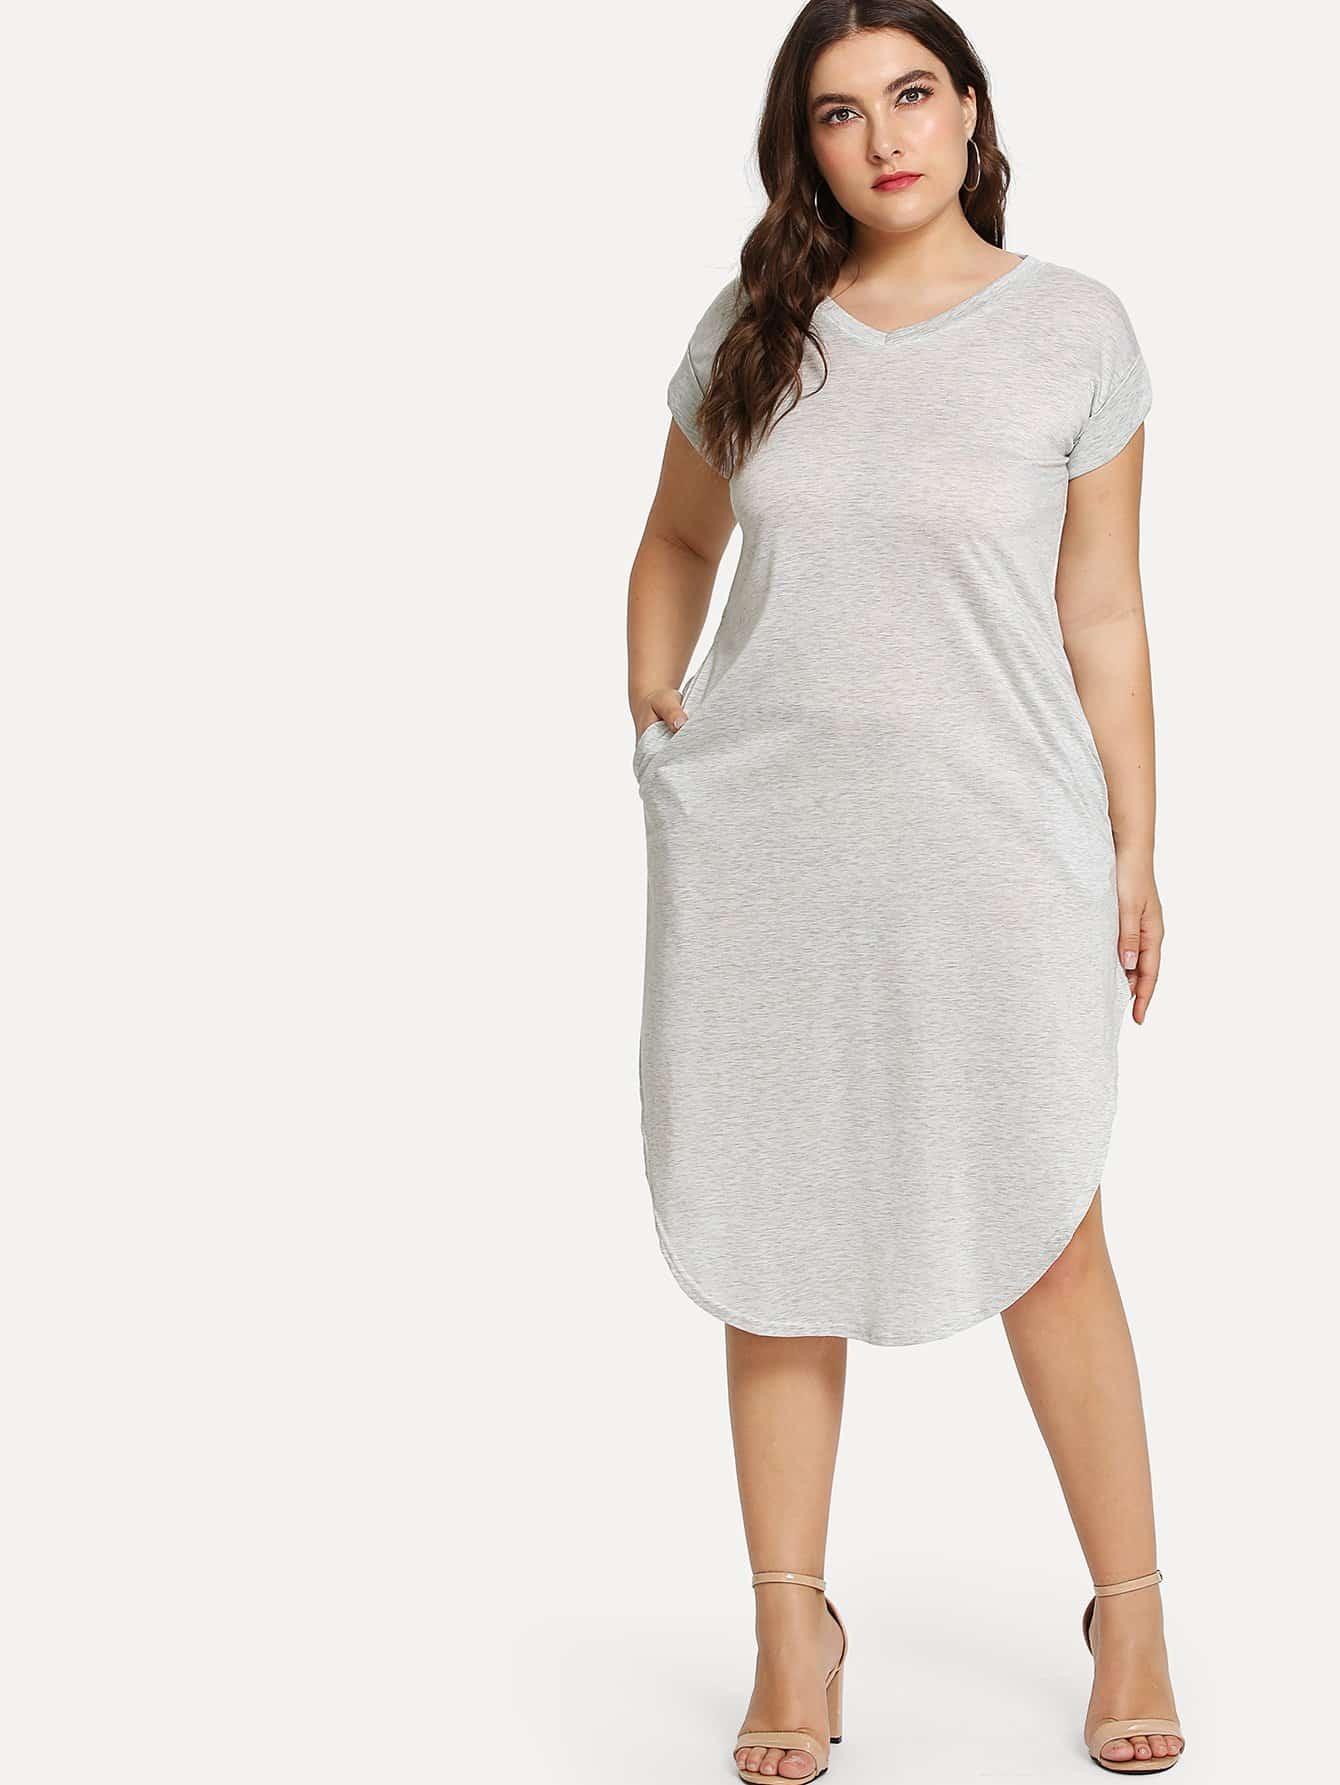 Curved Hem Solid Dress batwing sleeve pocket side curved hem textured dress